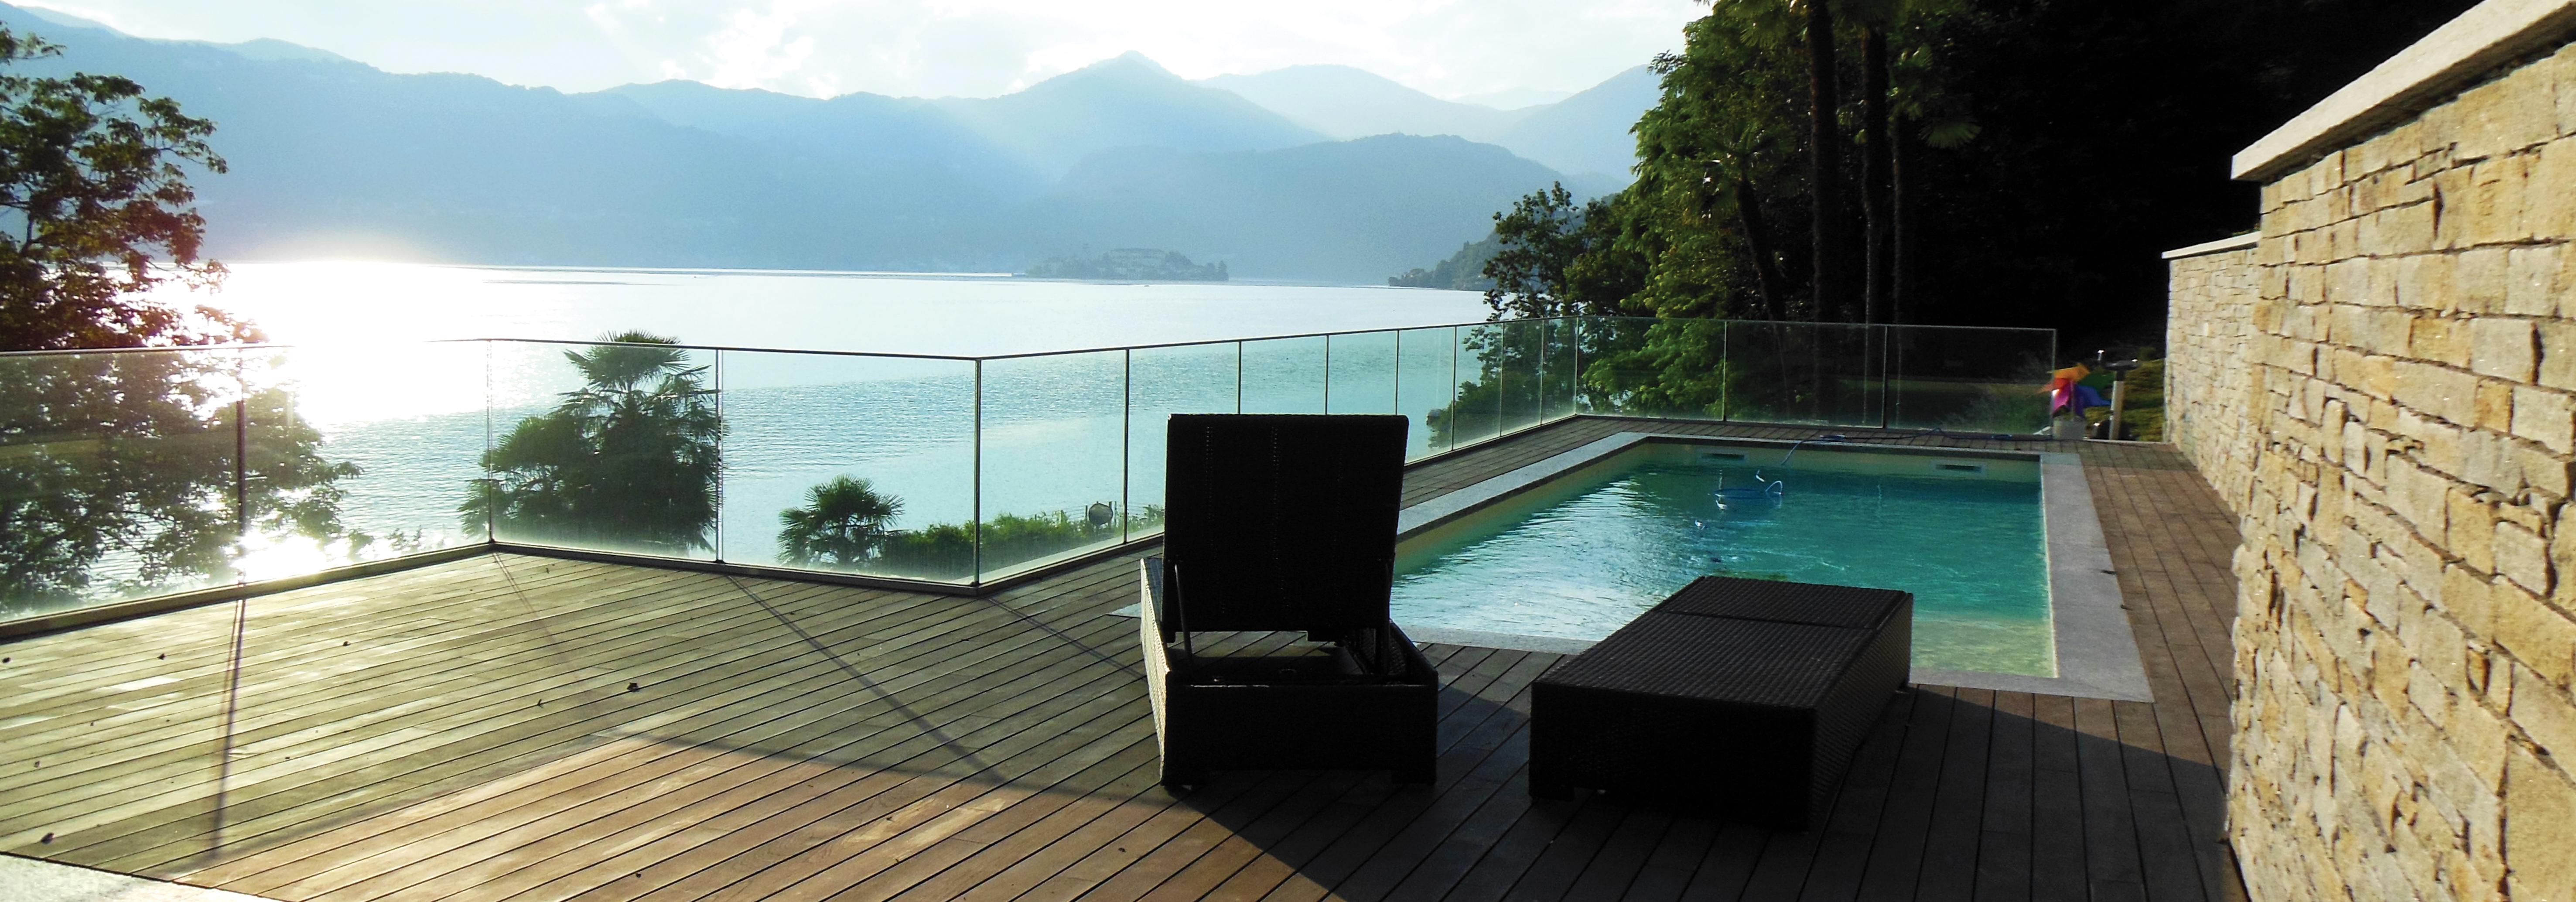 Barrière de piscine : comment choisir le bon modèle ?